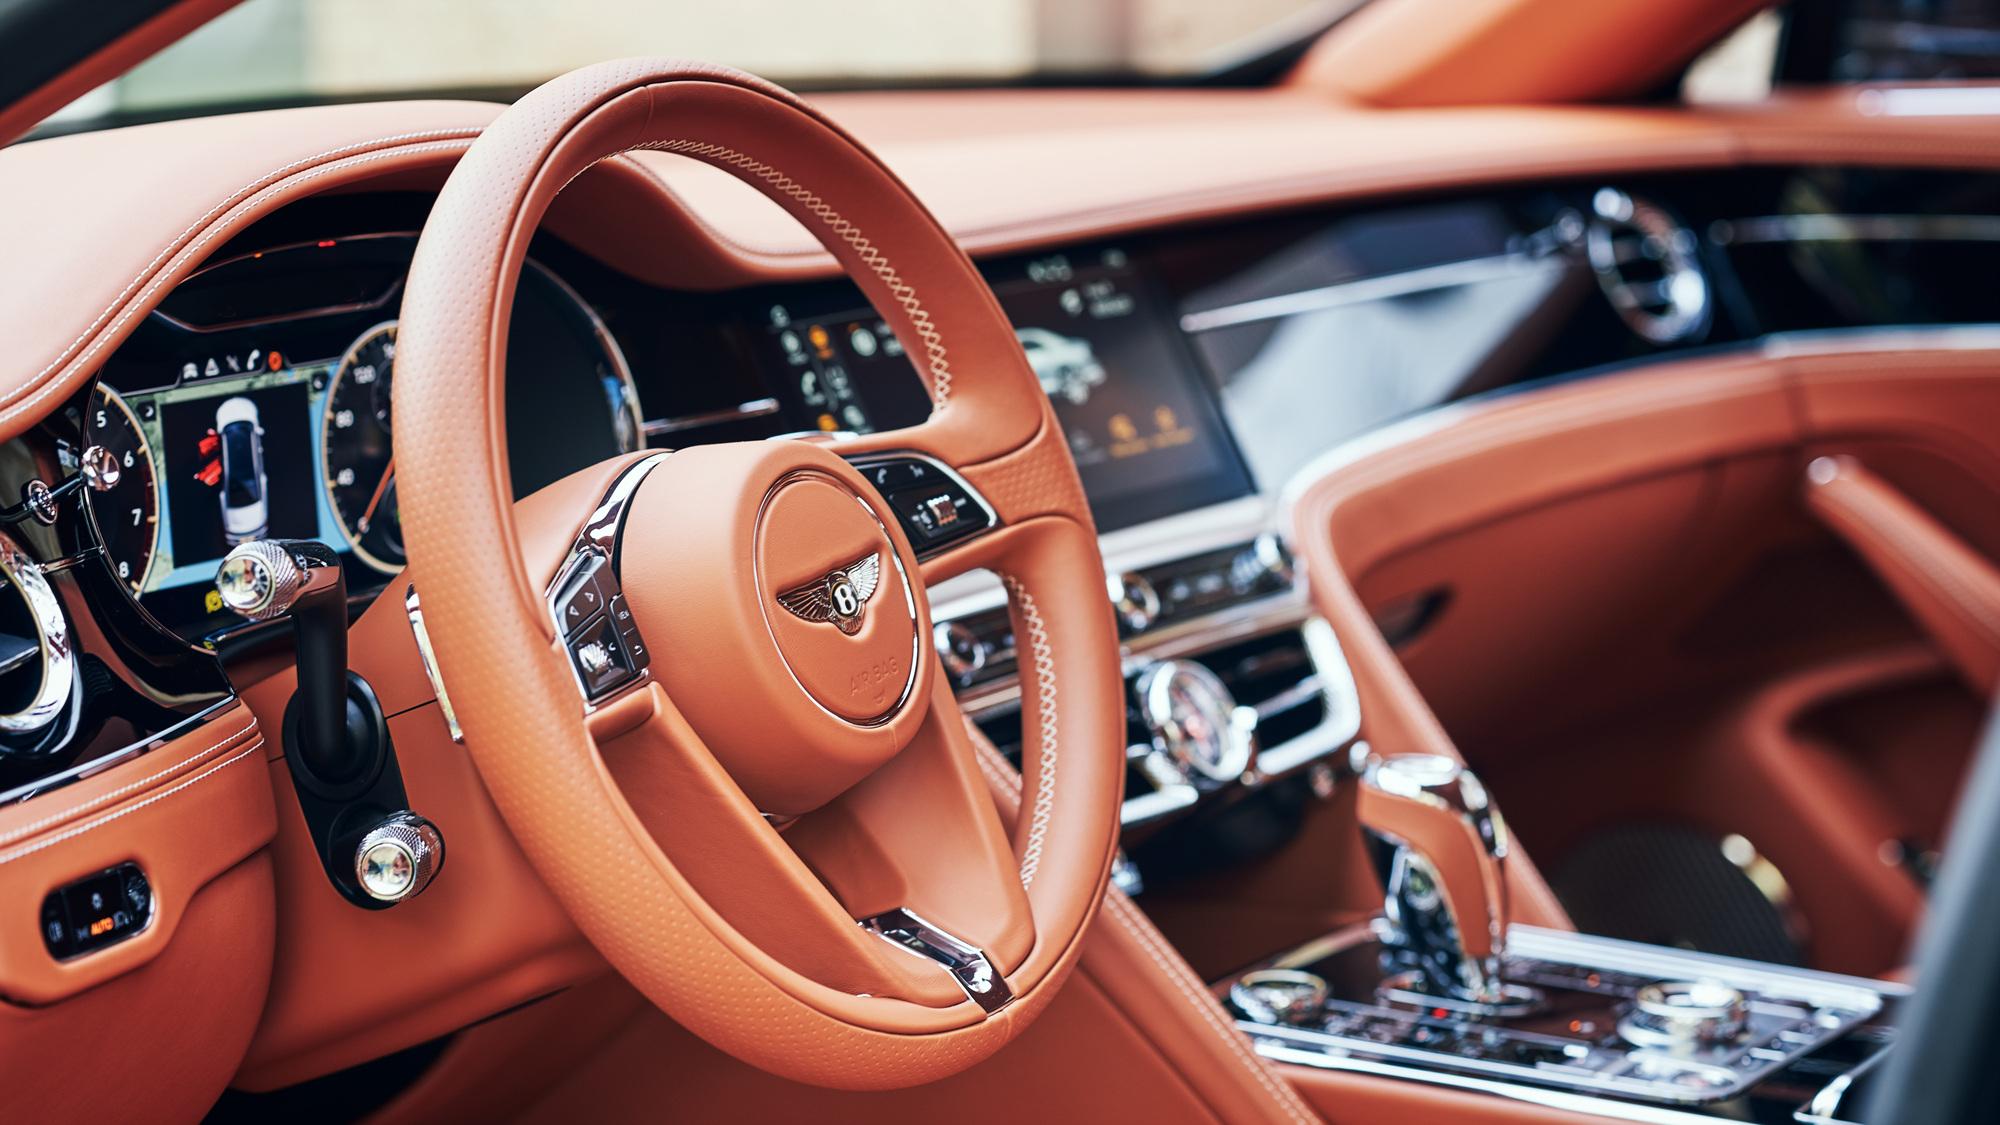 플라잉스퍼 V8의 스티어링휠. 고객의 기호에 따라 다양한 내장재 소재를 선택할 수 있다. 사진 벤틀리모터스코리아